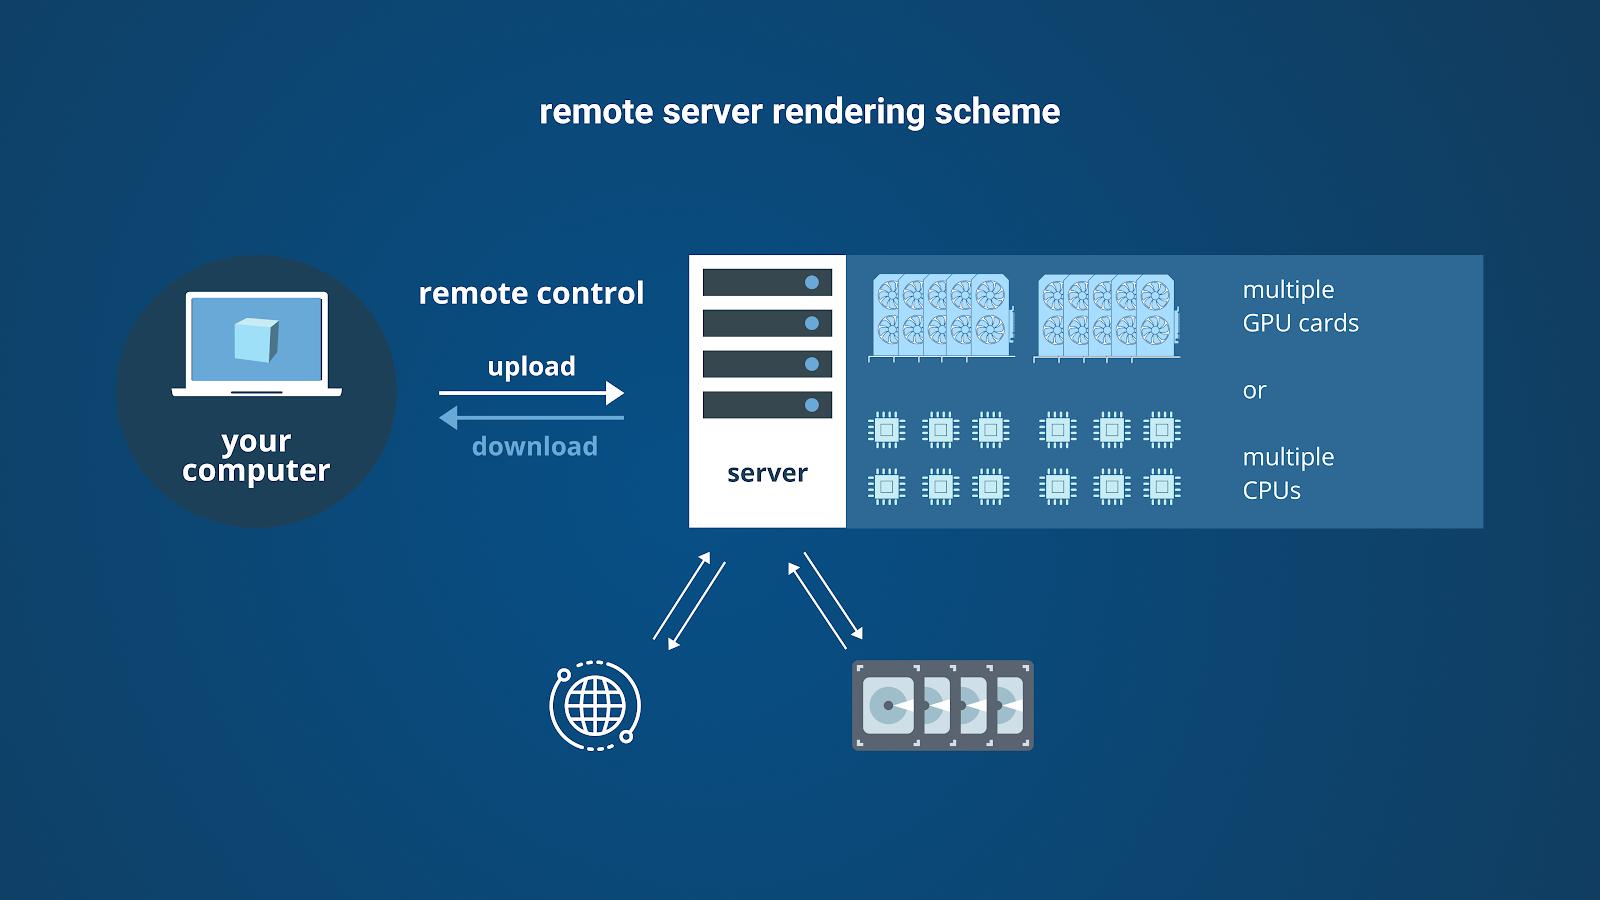 remote server rendering scheme